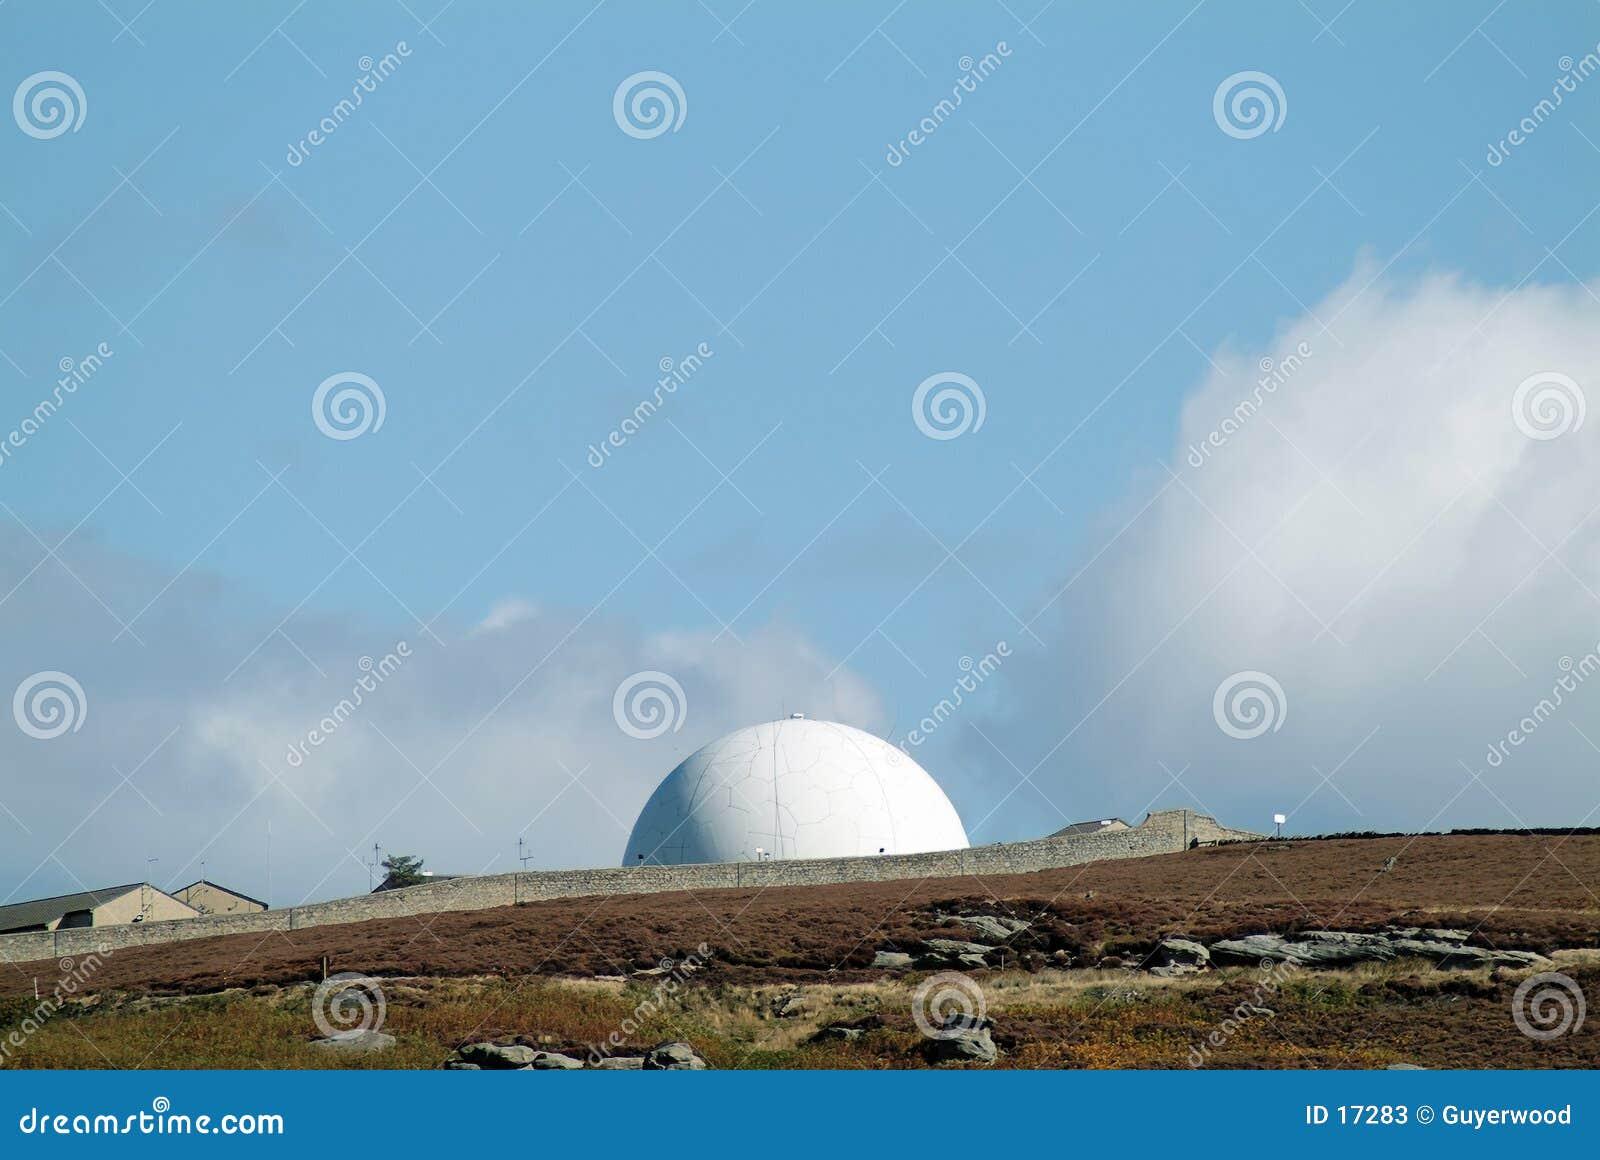 Radarhaube